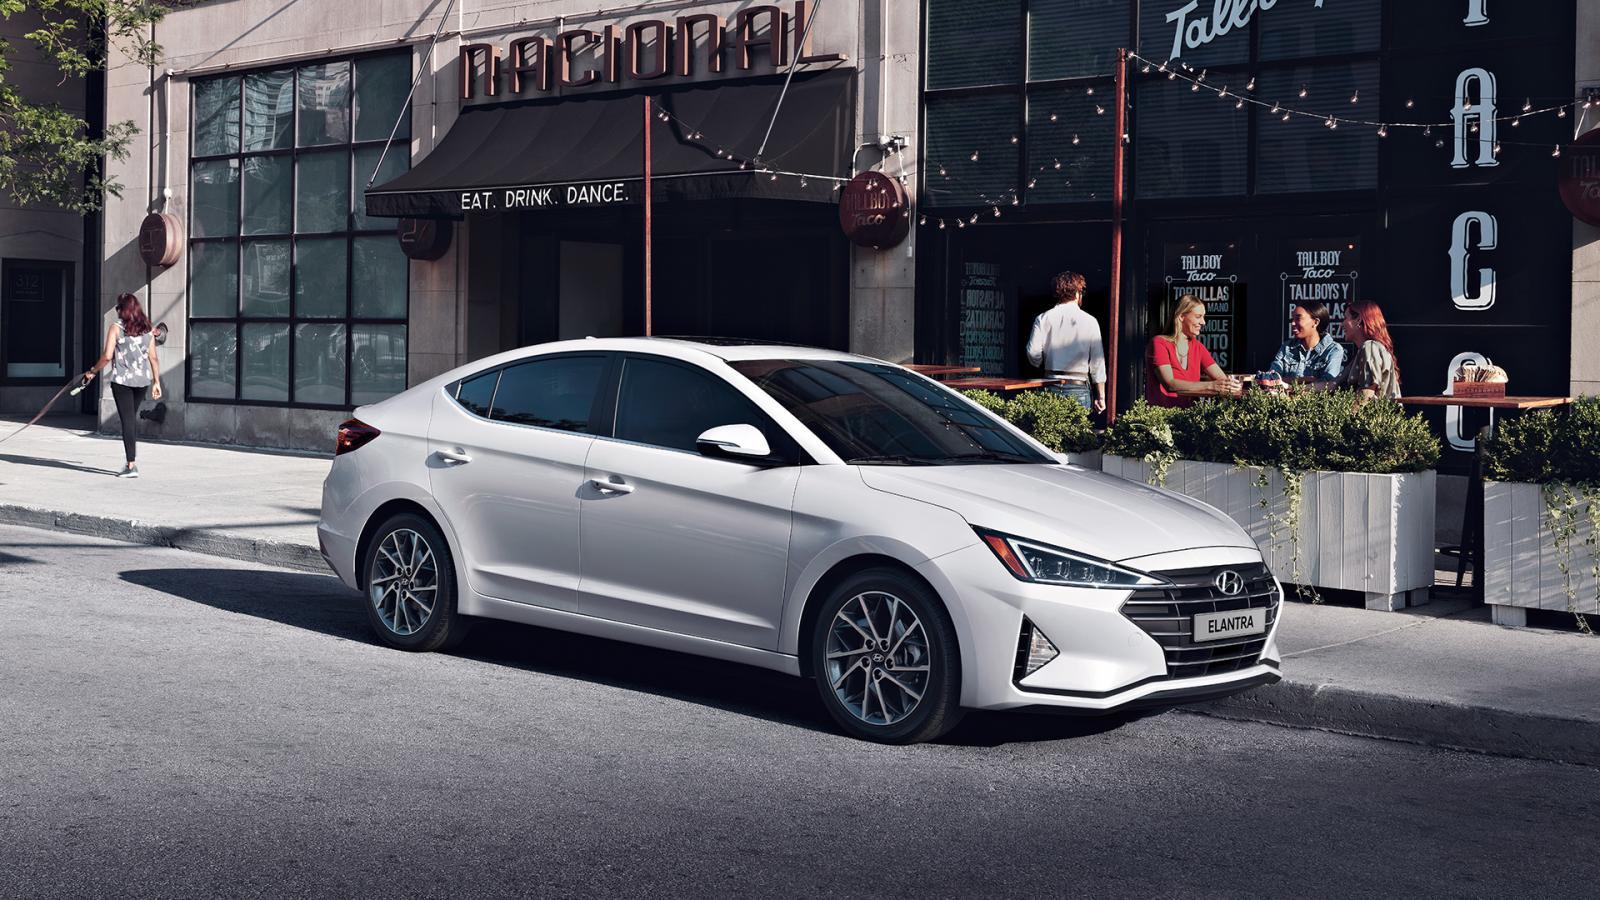 Hyundai Elantra color blanco